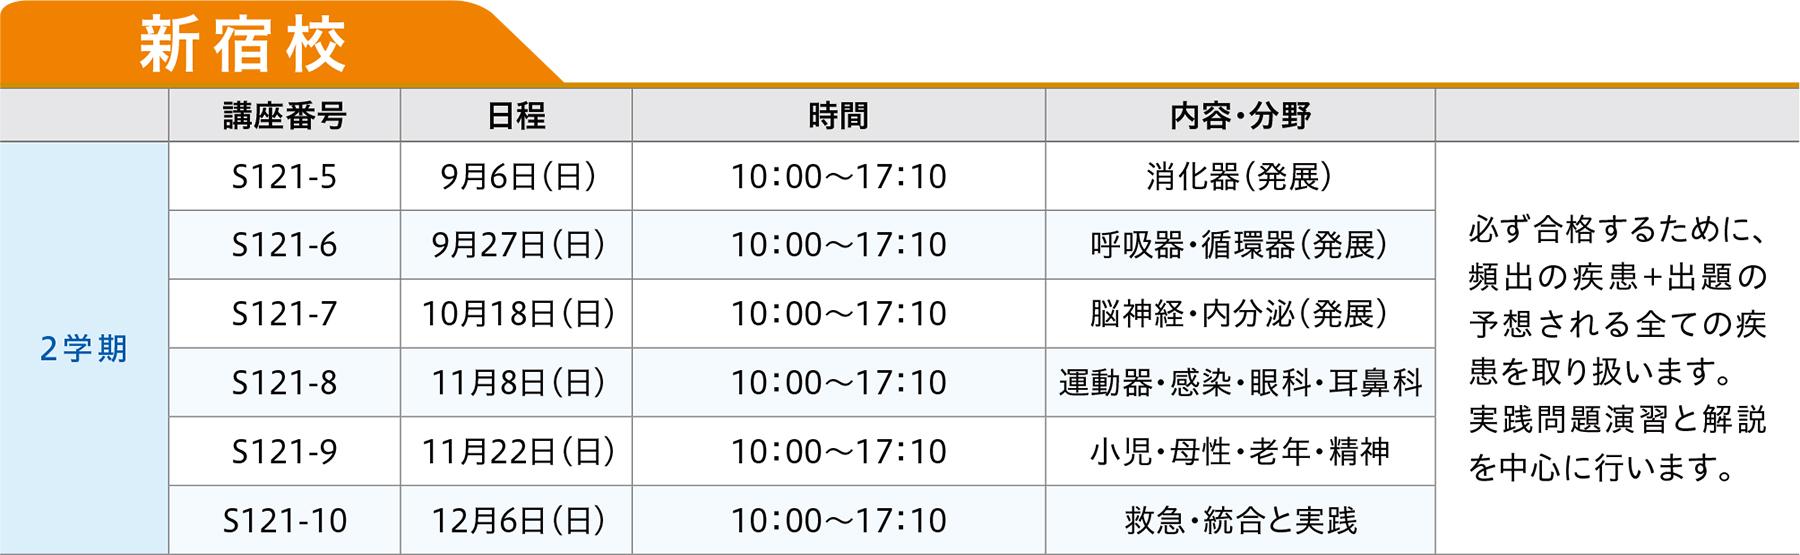 新宿校時間割